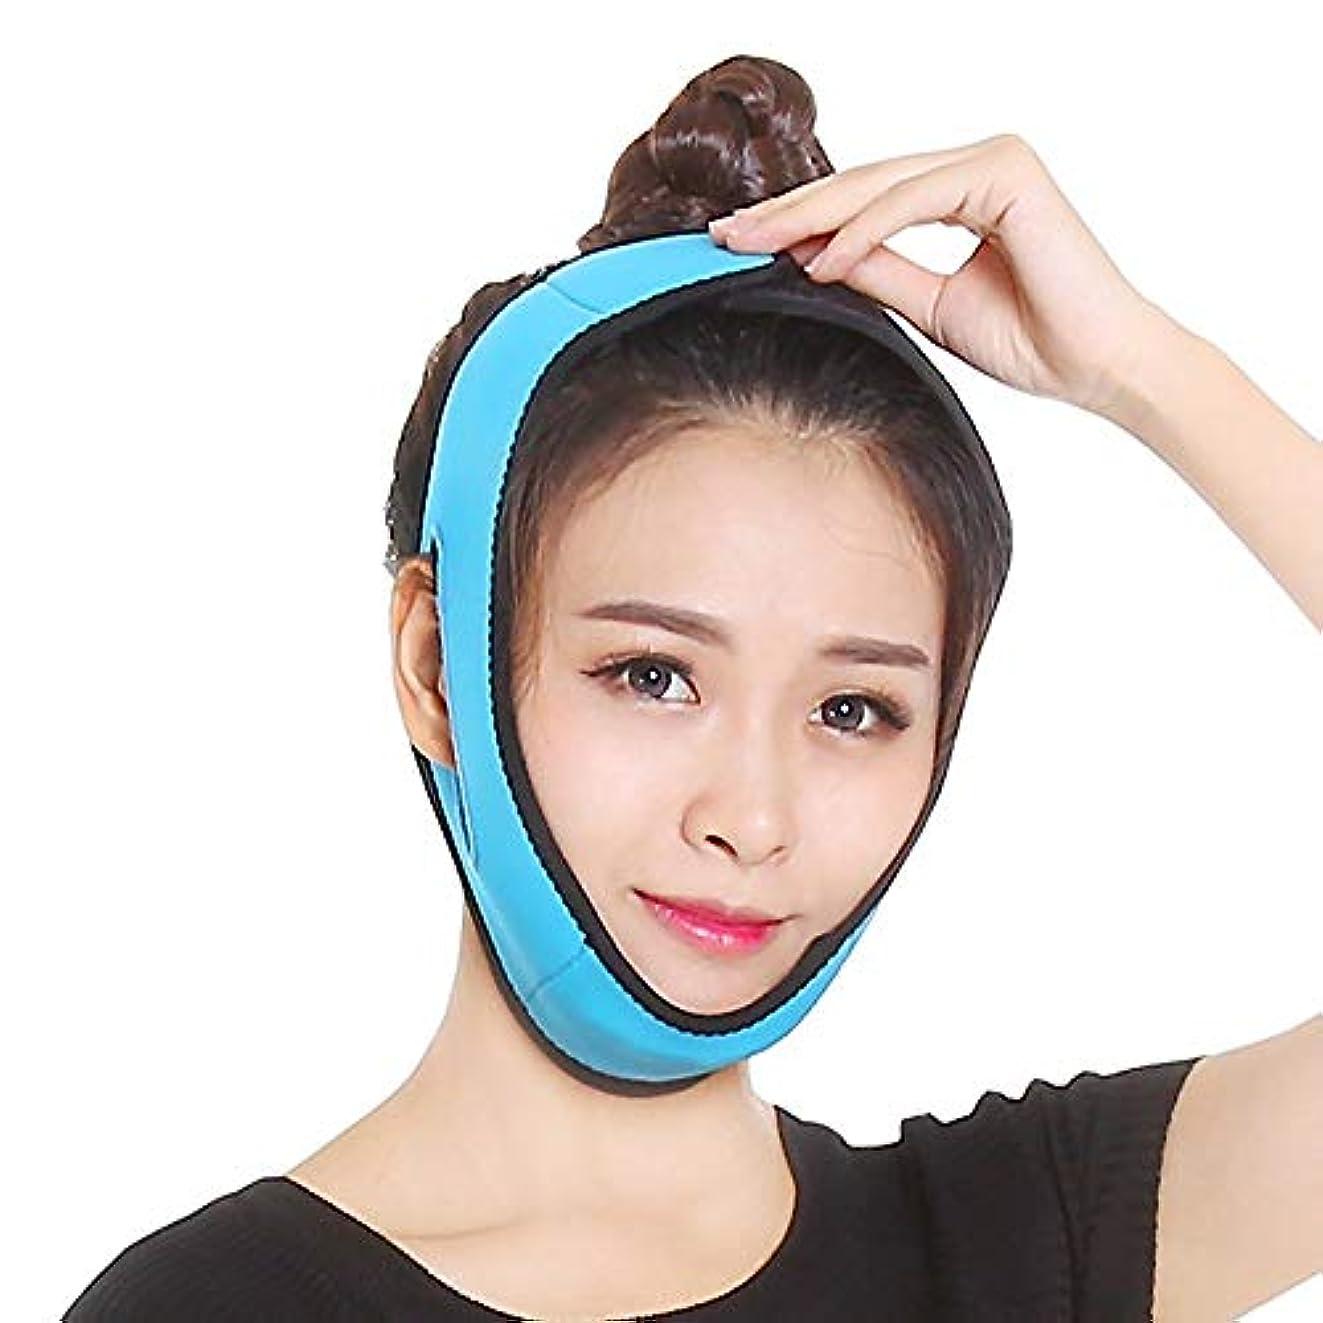 鏡のスコア世紀フェイシャルリフティングスリミングベルト - 薄いフェイス包帯二重あごデバイス無料フェイシャルマッサージ整形マスクを引き締める顔と首の顔スリム